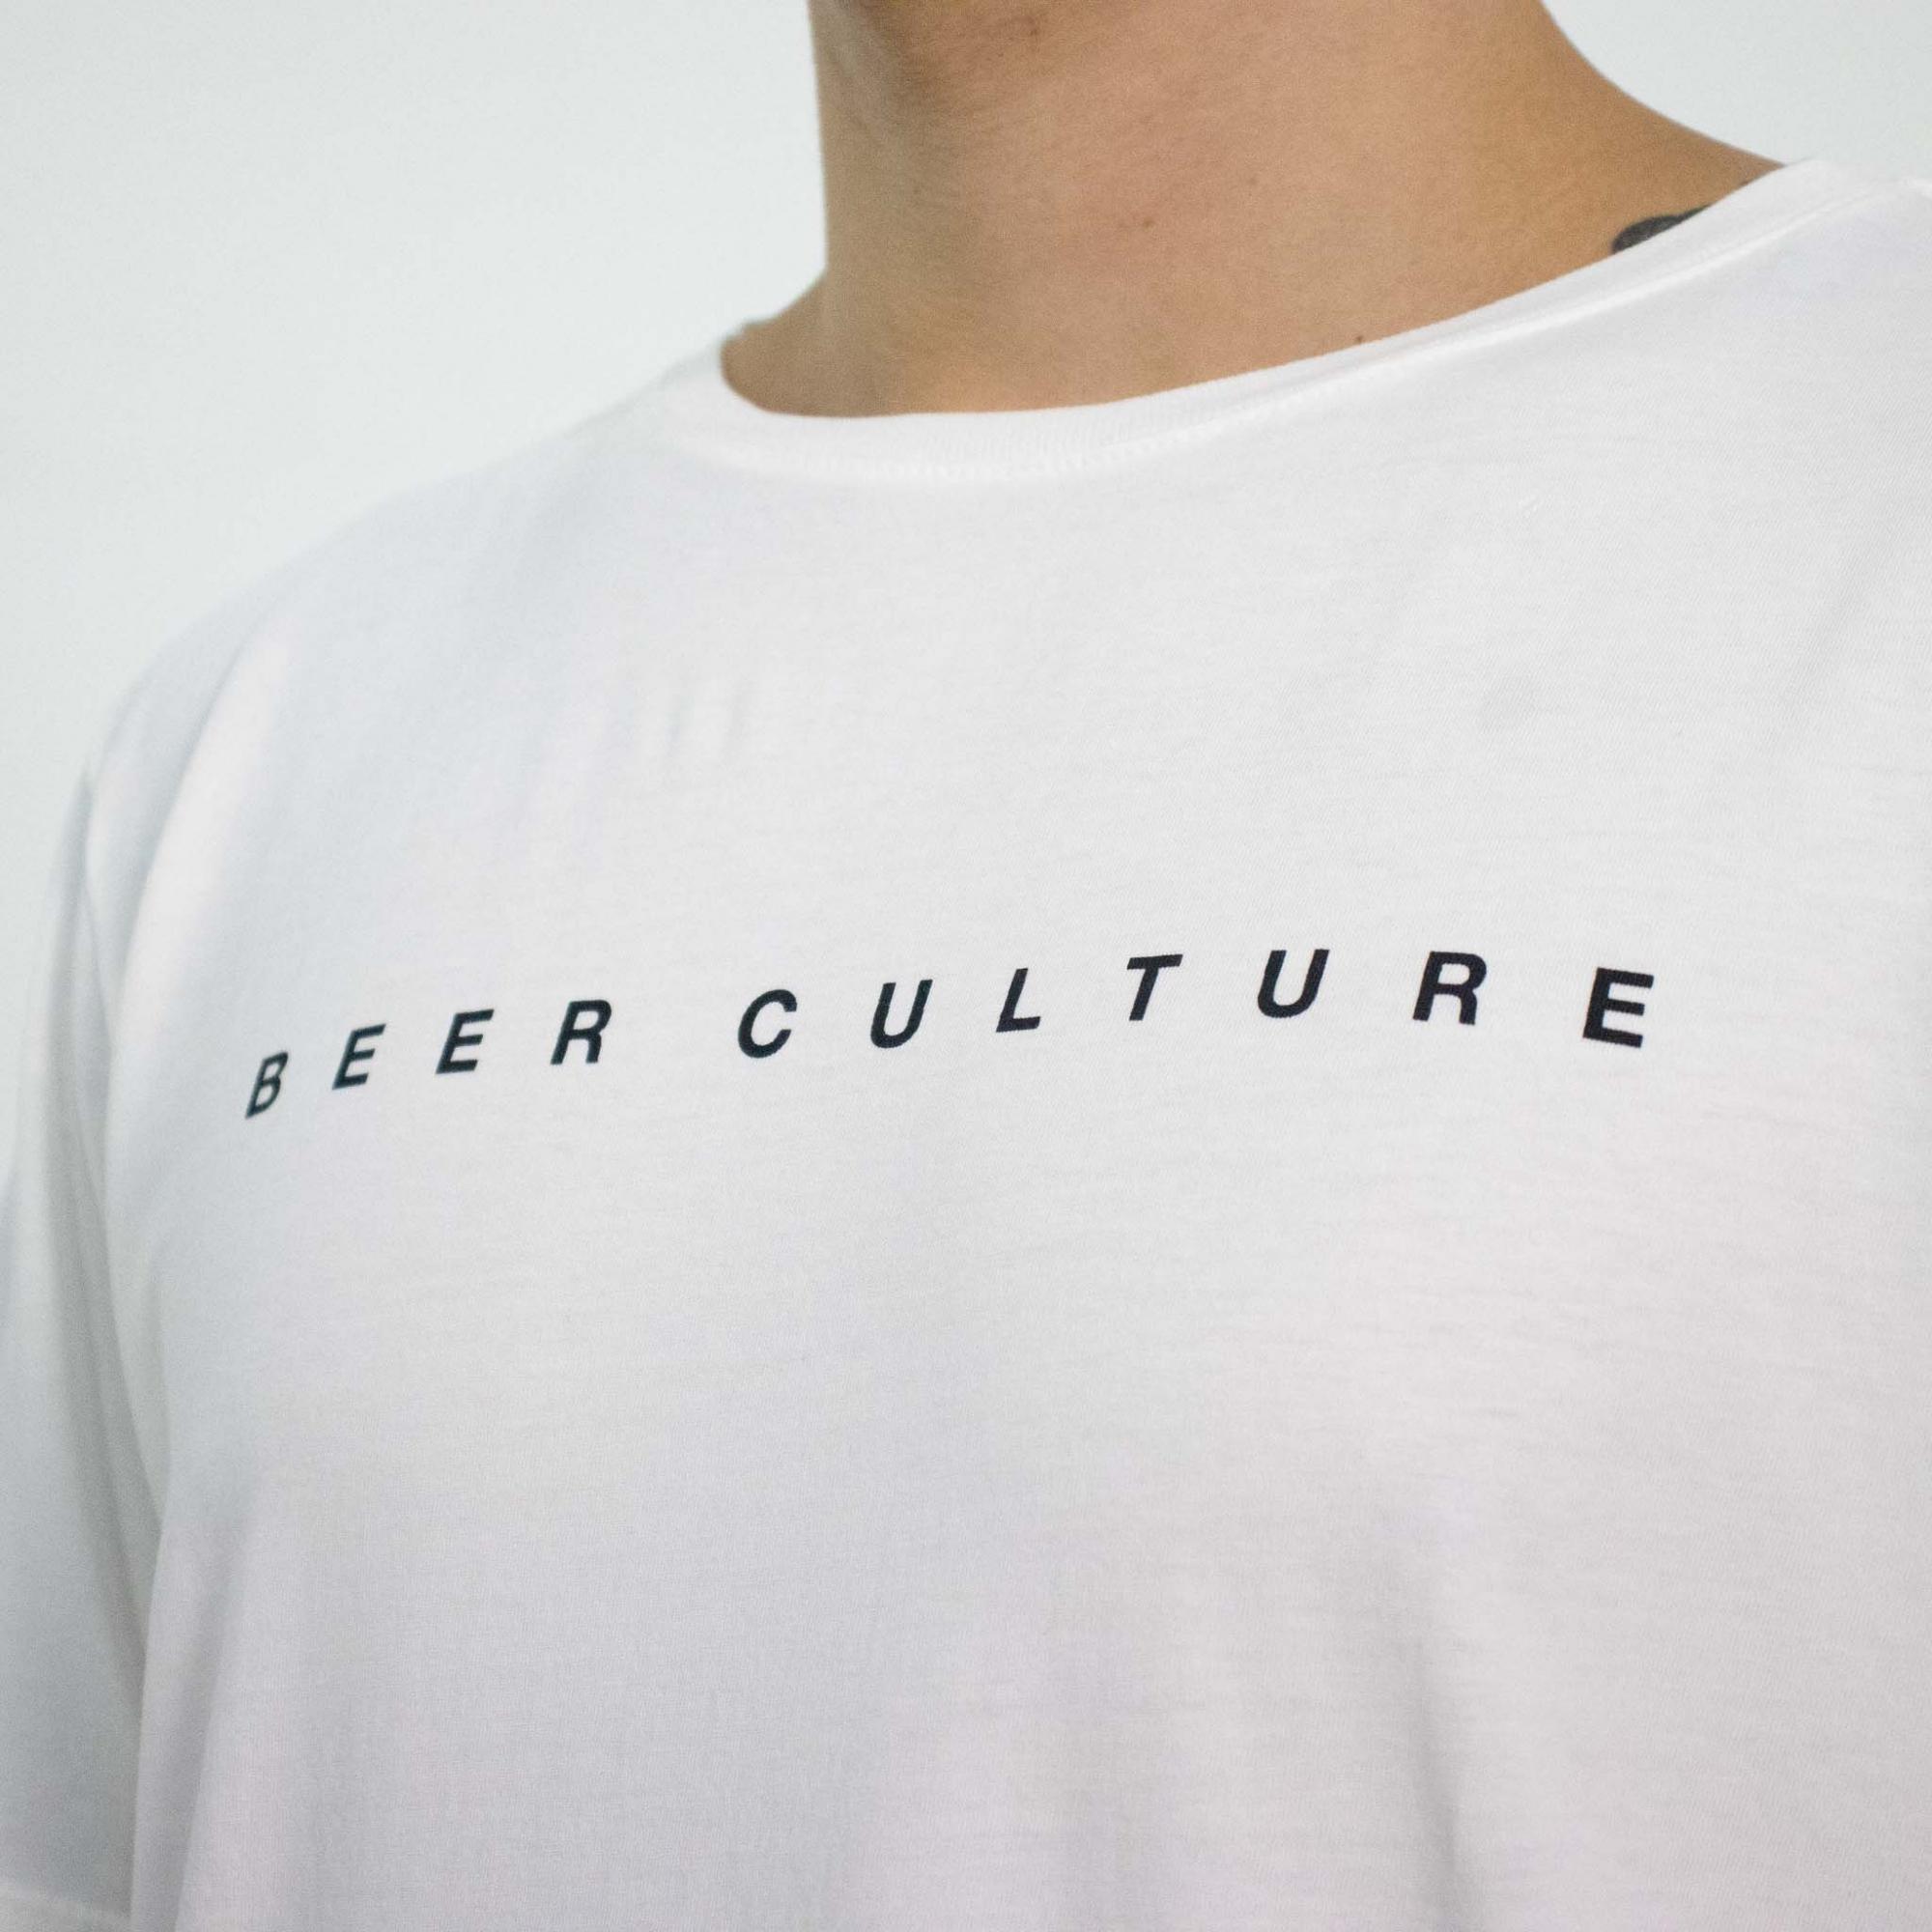 Camiseta Beer Culture